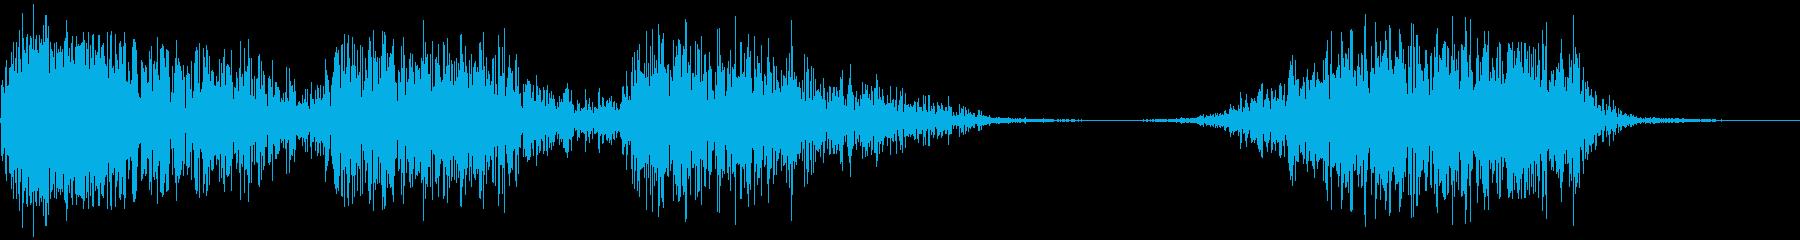 モンスター 威嚇 03の再生済みの波形